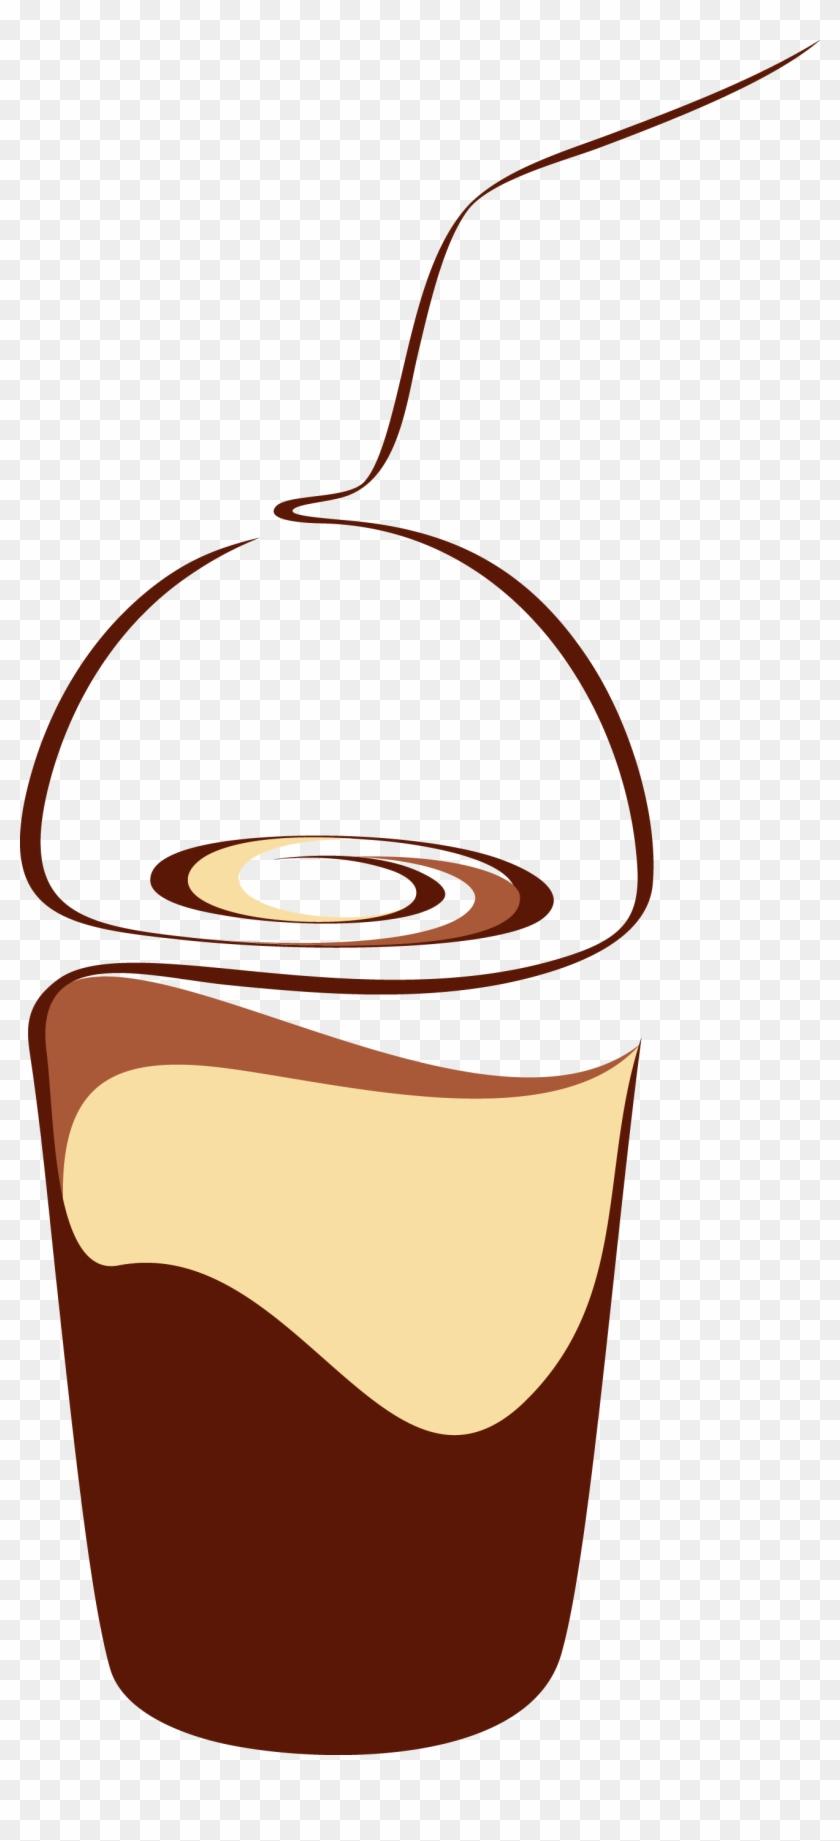 Coffee Cup Tea Iced Coffee Cafe - Coffee Cup Tea Iced Coffee Cafe #172073